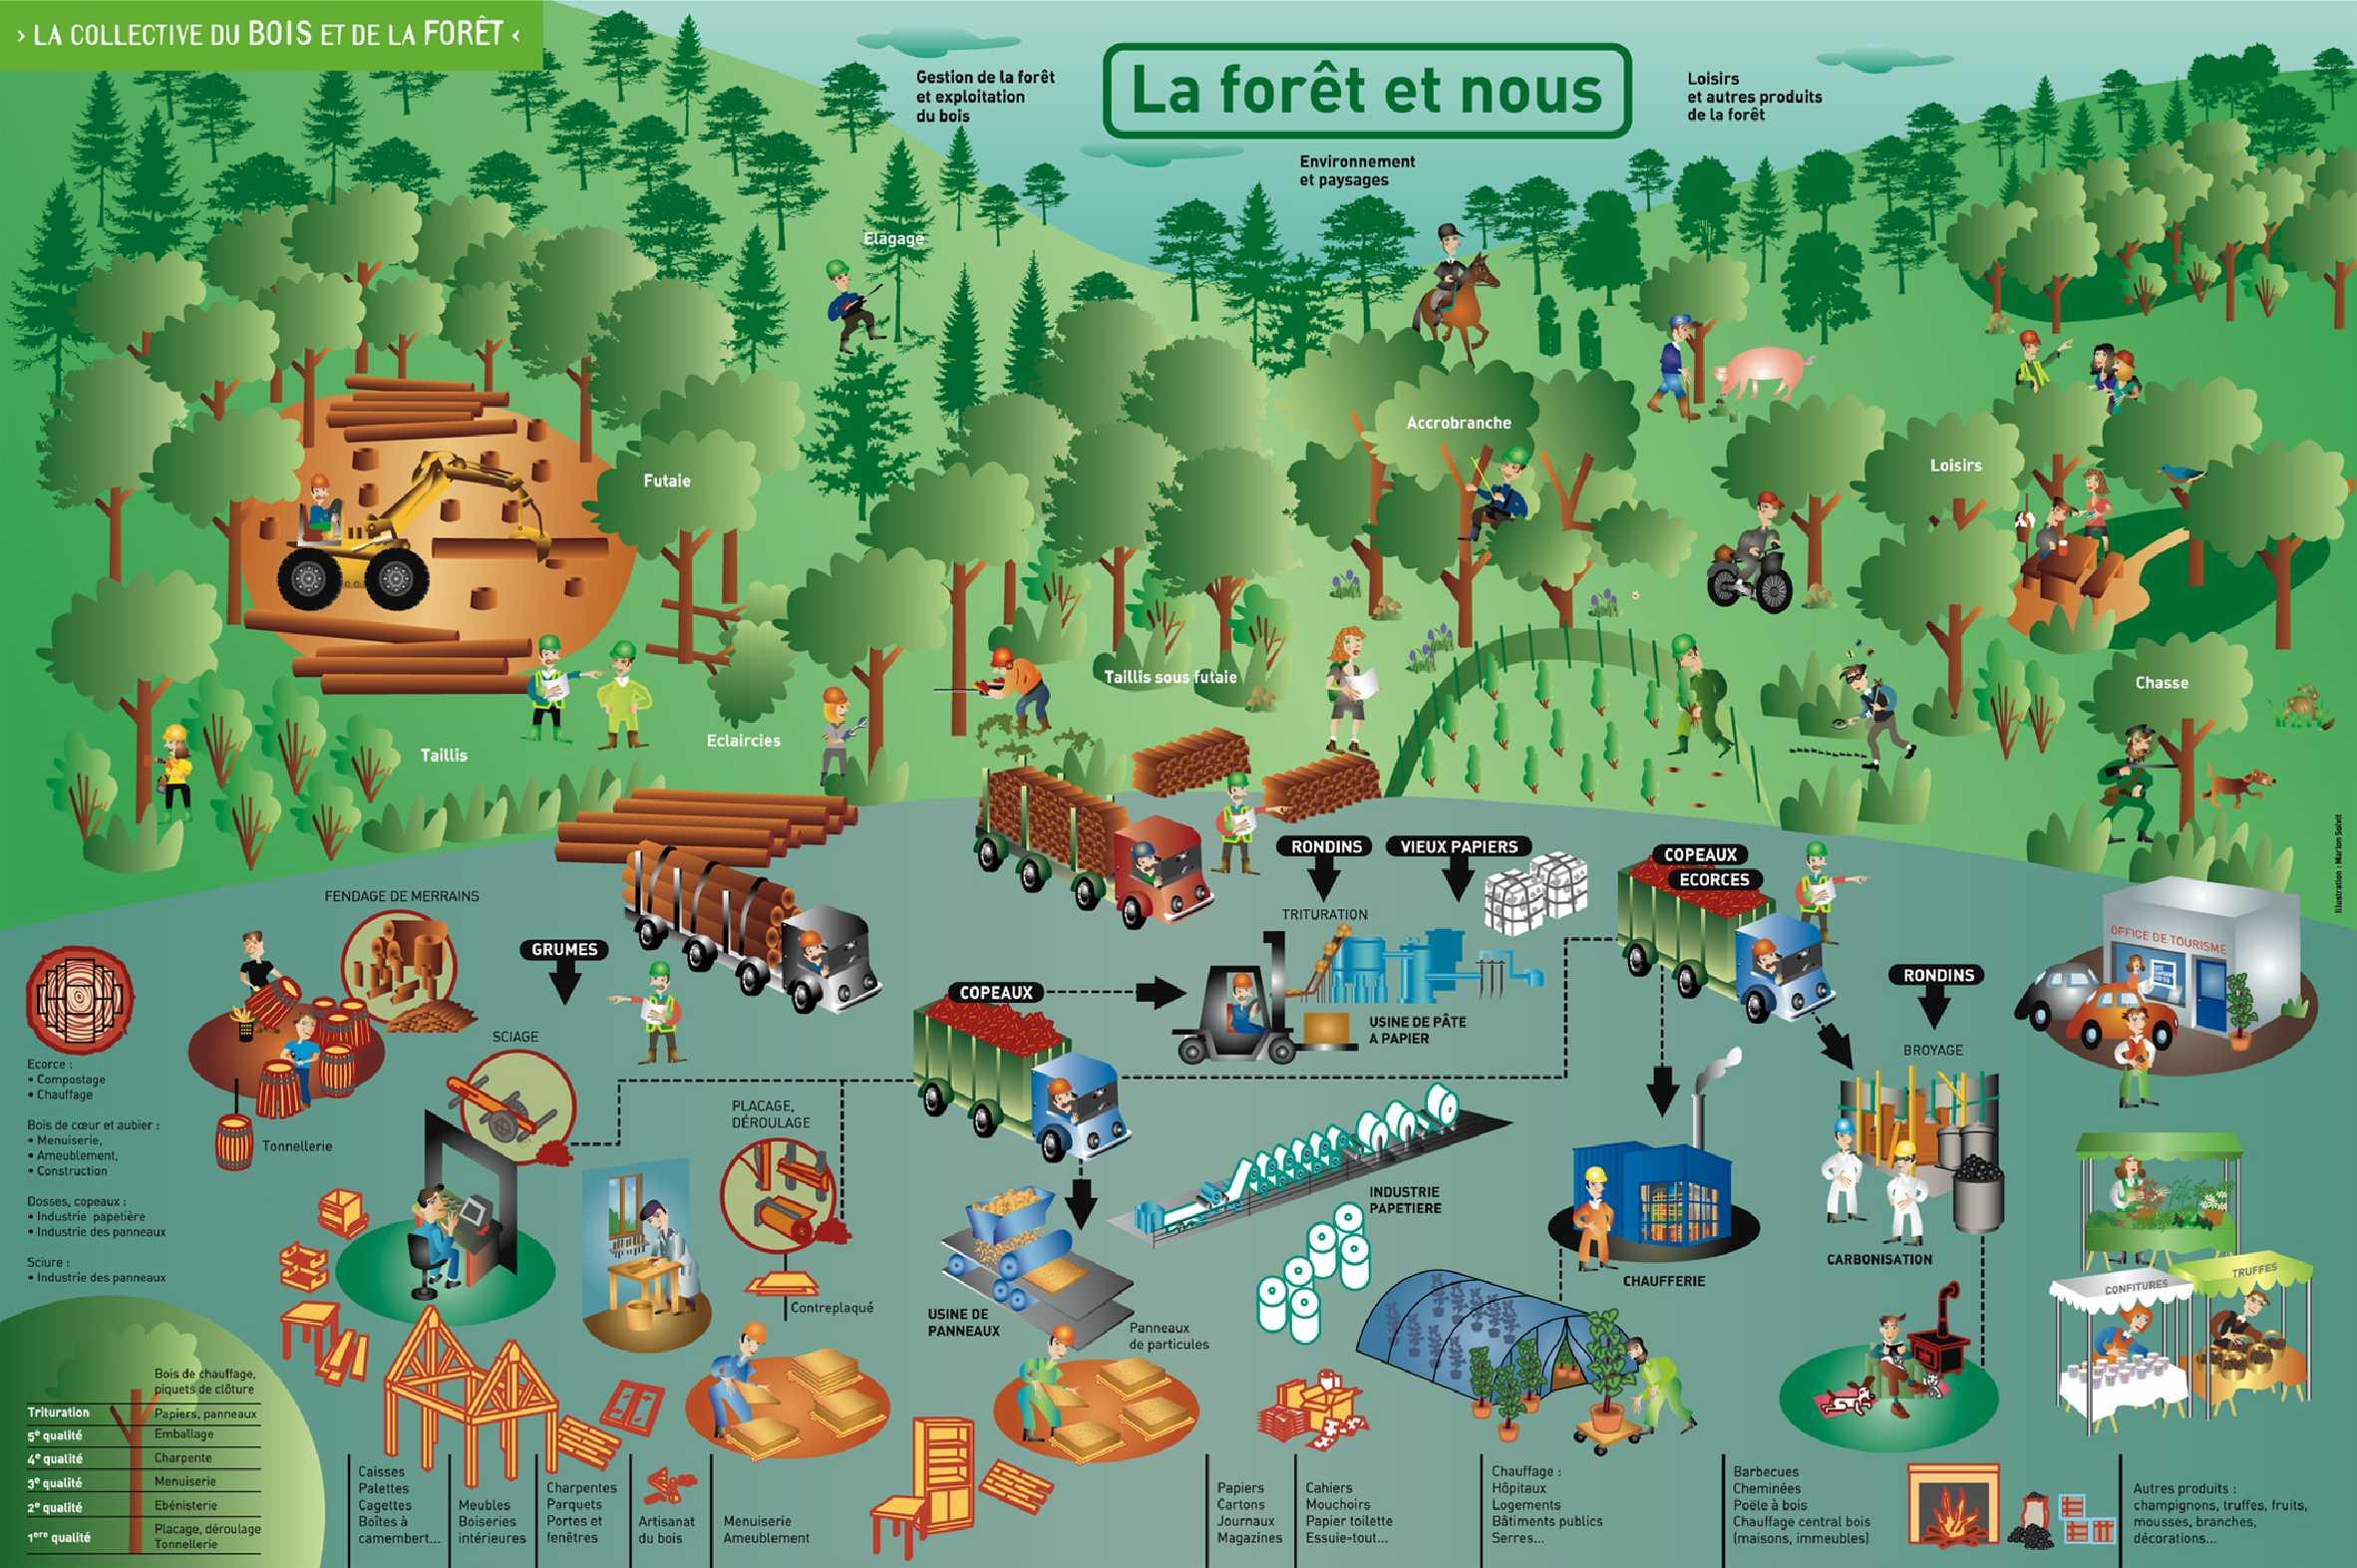 Fédération Interprofessionnelle For u00eat Bois alsacienne (FIBOIS Alsace) Chiffres clés et schéma  # La Soissonnaise Des Bois